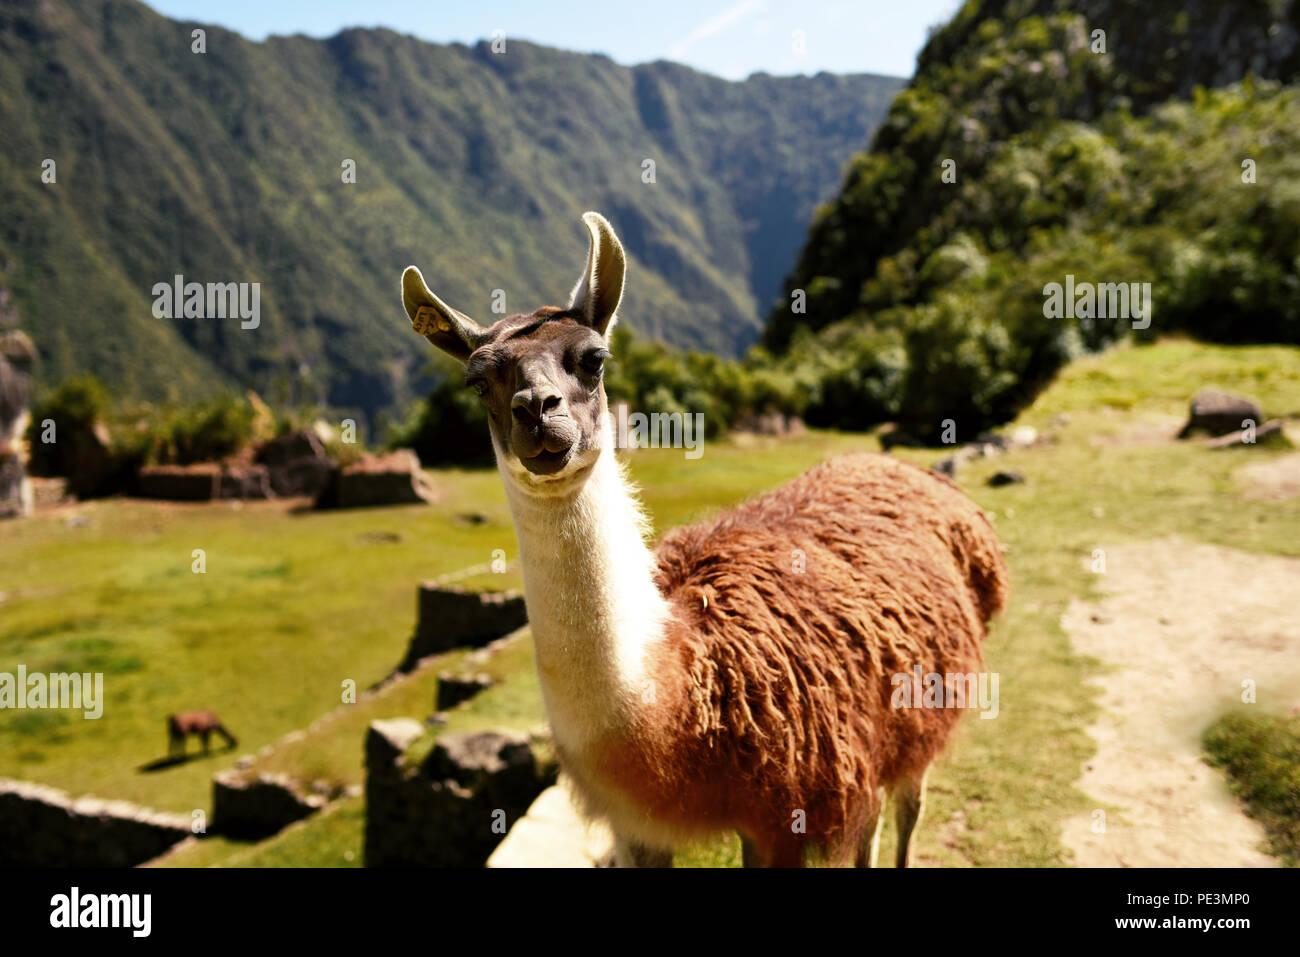 Curieux llama à directement à l'appareil photo vers le Machu Picchu. La région de Cuzco, Pérou. Jul 2018 Photo Stock